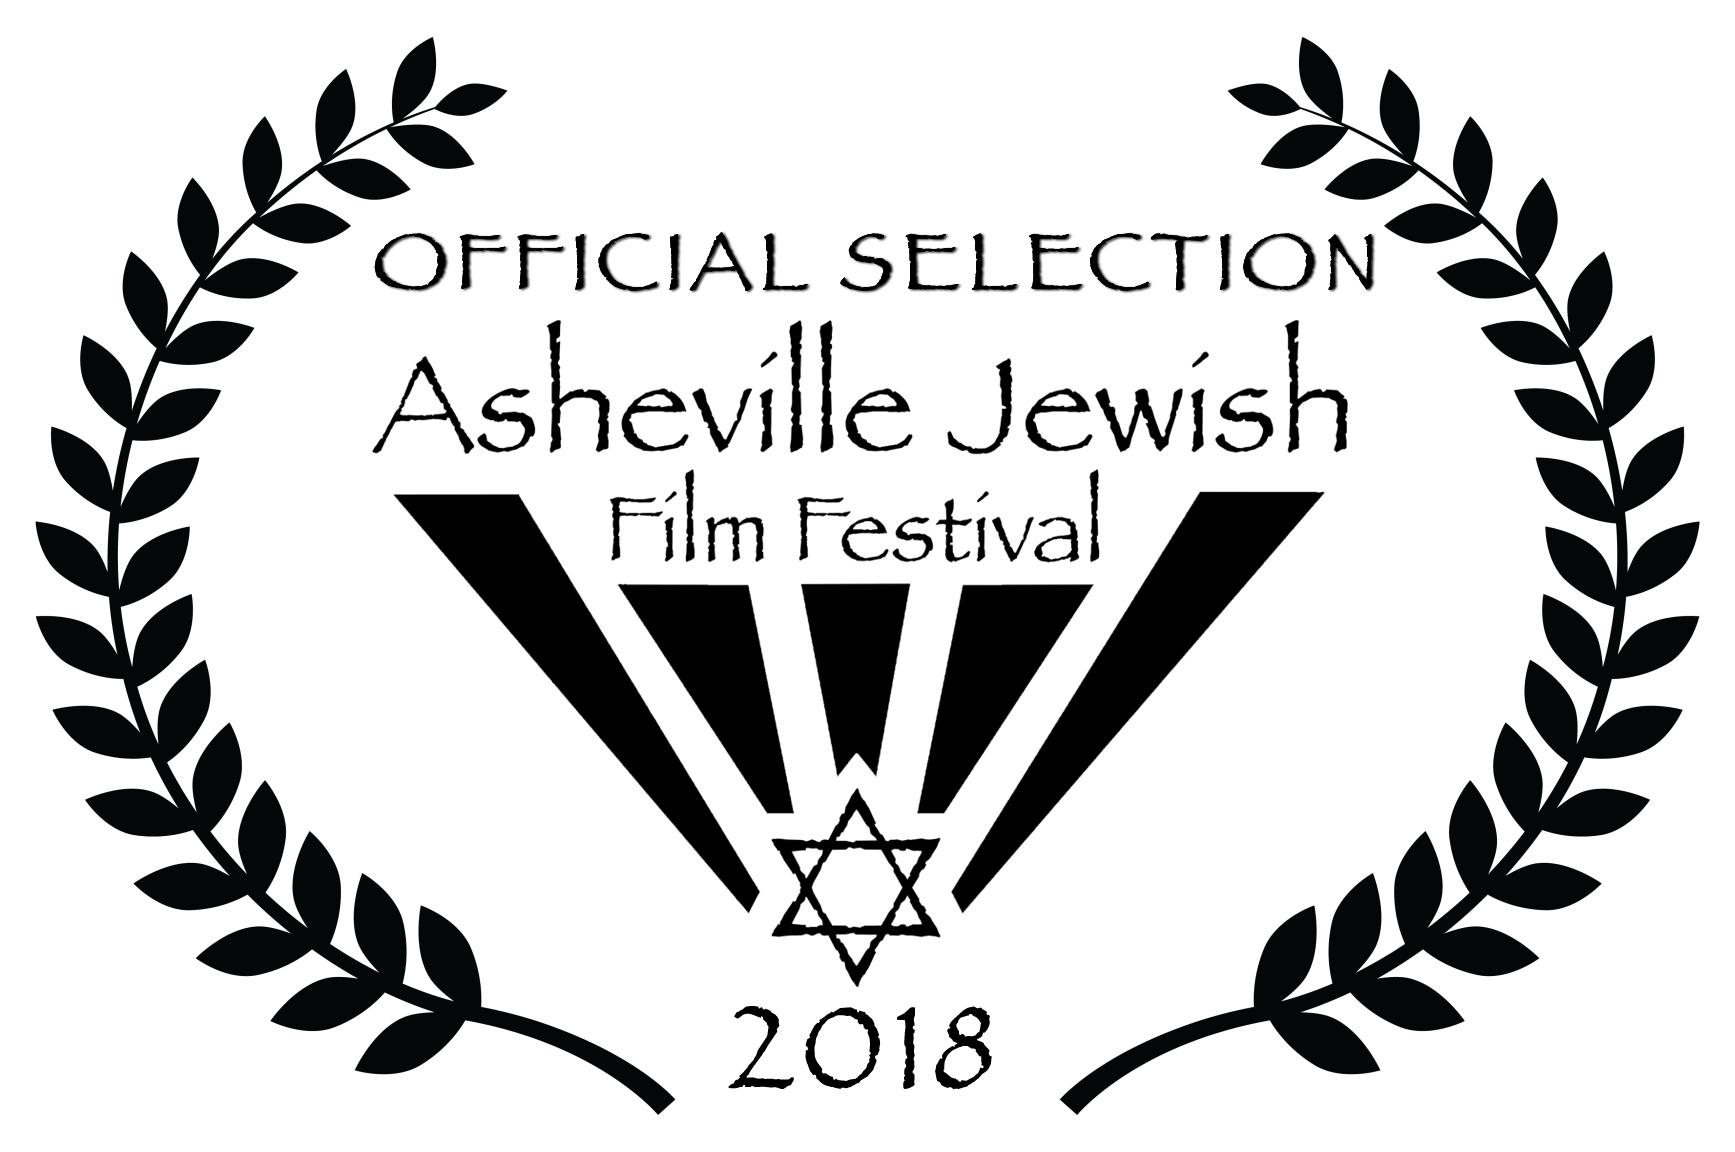 ASHEVILLE JEWISH FILM FESTIVAL  APRIL 13th & 14th - Fine Arts Theater ASHEVILLE, NORTH CAROLINA  Tickets:http://ajff.fineartstheatre.com